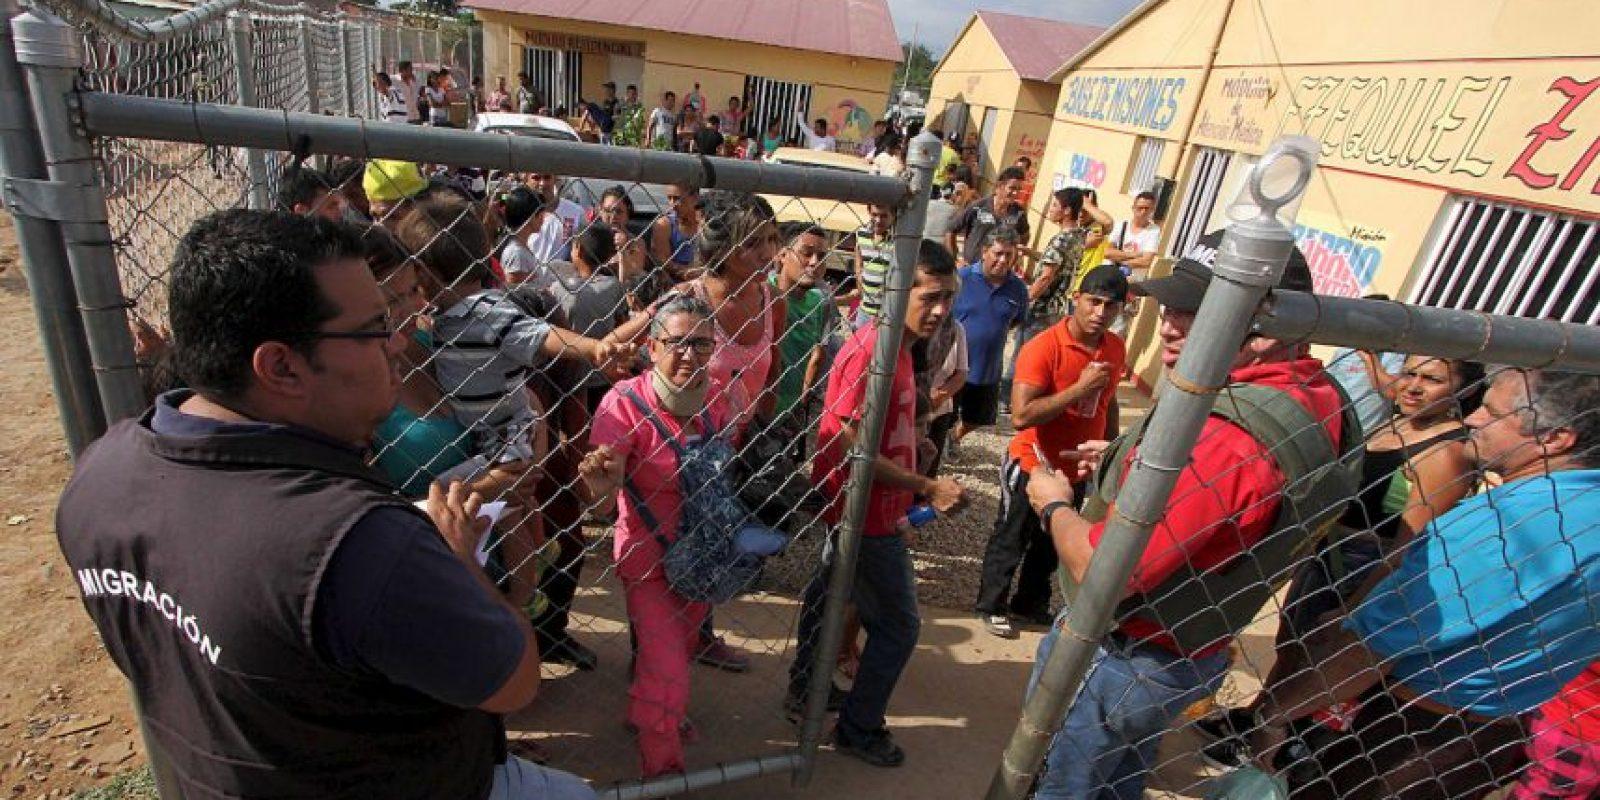 """Además de """"analizar la situación familiar antes de aplicar medidas de deportación, para garantizar la unión entre padres e hijos"""", esto, en el estado de excepción lanzado por Maduro durante el fin de semana. Foto:AFP"""